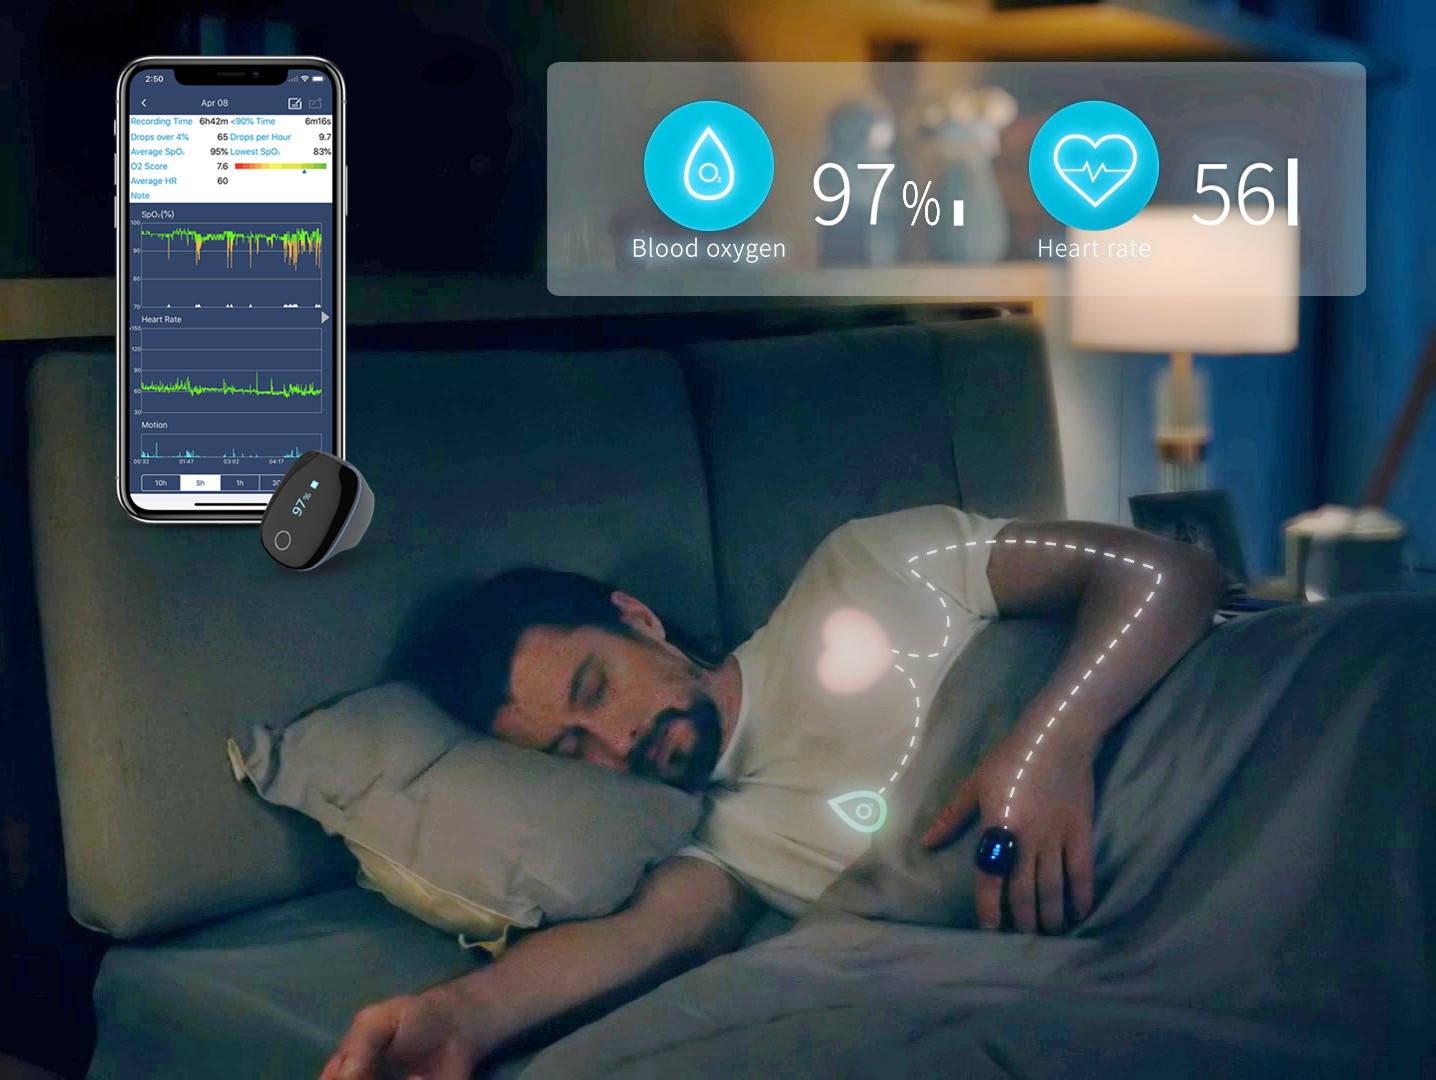 Moniteur d'oxygène d'apnée du sommeil Wellue